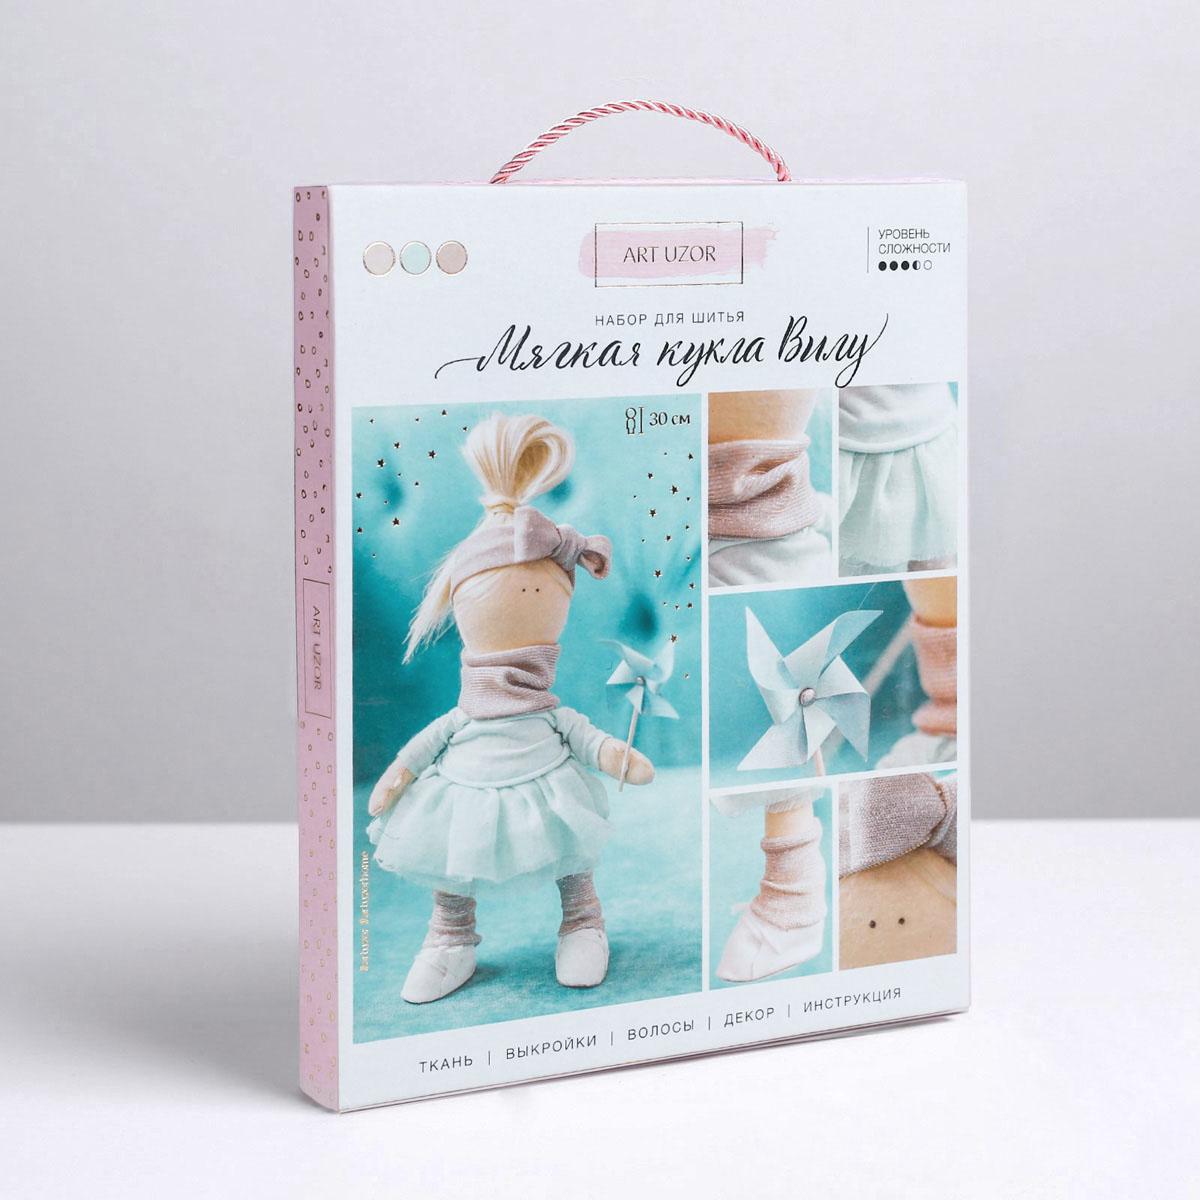 3548658 Интерьерная кукла 'Вилу' набор для шитья, 18*22.5*2.5 см